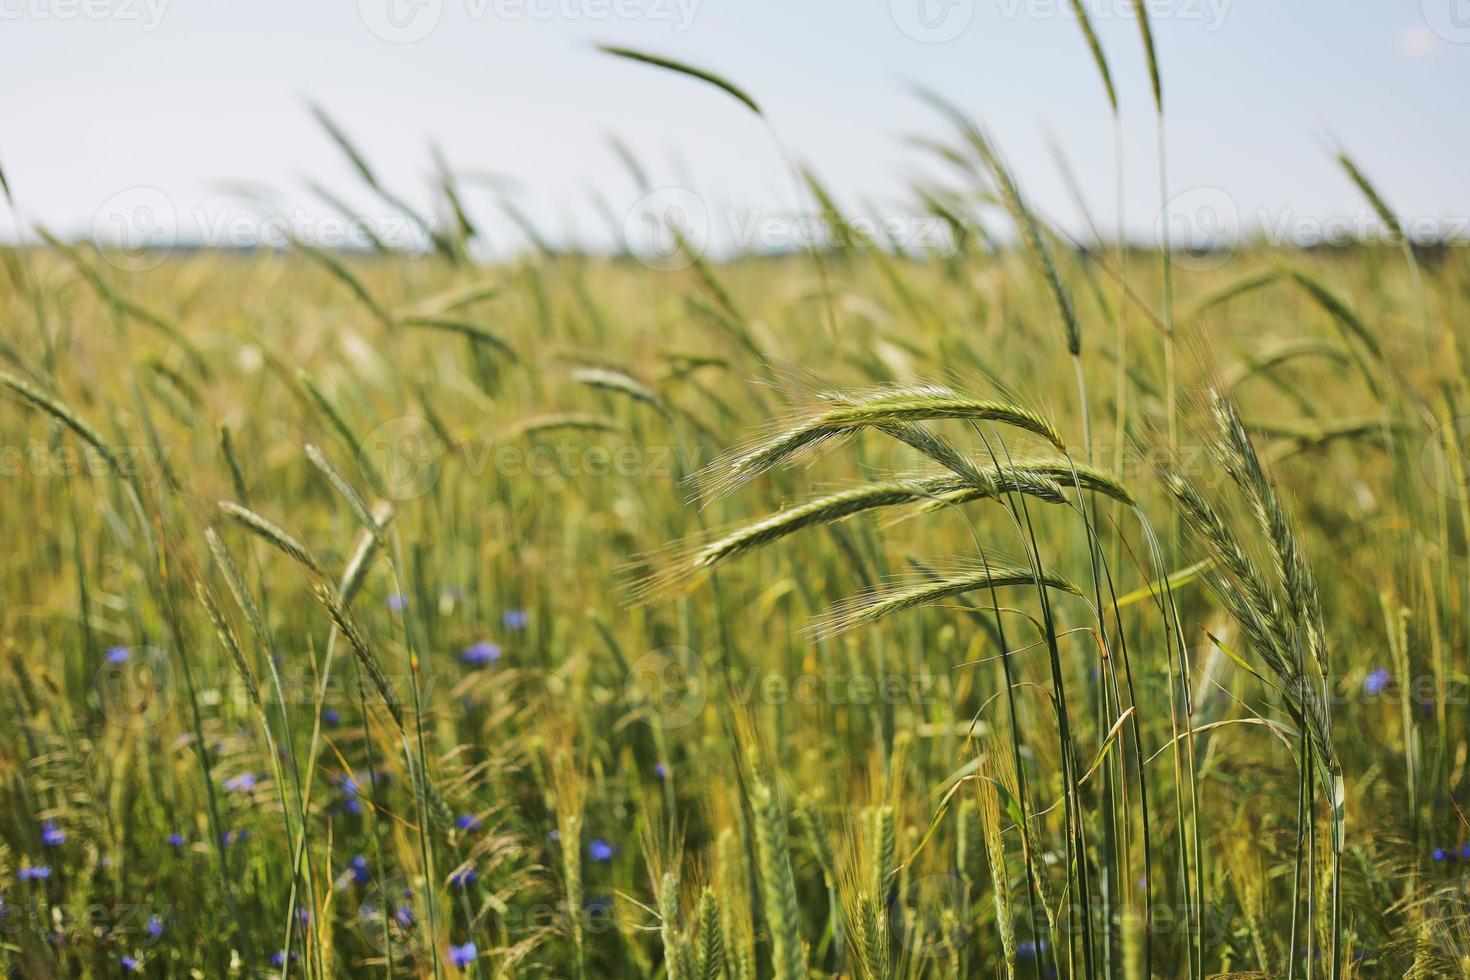 eine Nahaufnahme einiger grüner Ohren in einem Weizenfeld, das vor der Ernte an einem sonnigen Tag reift. reifende Ähren. saftig frische Ähren junger grüner Weizen im Frühjahr. grünes Weizenfeld. selektiver Fokus foto